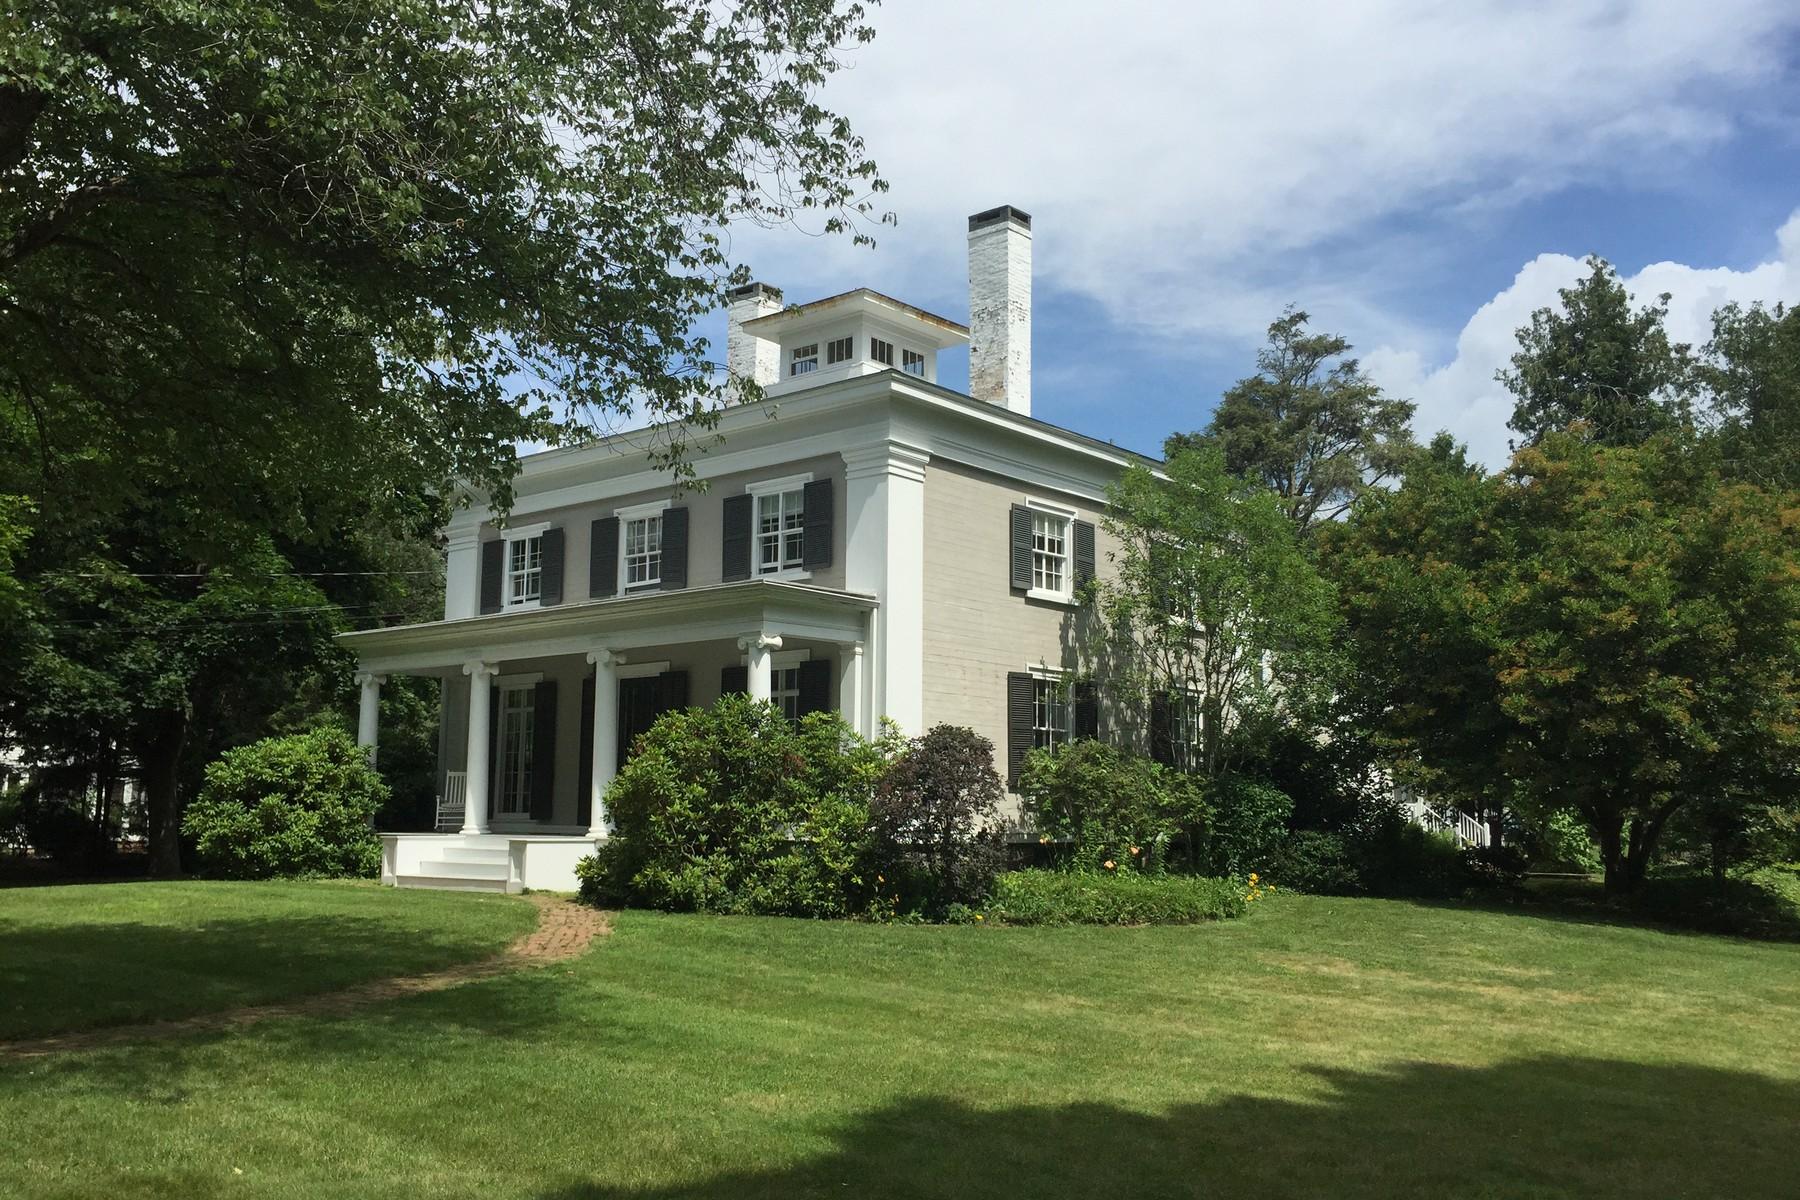 Einfamilienhaus für Verkauf beim Beautifully Restored Circa 1840 Gem 11 Ferry Rd Old Lyme, Connecticut 06371 Vereinigte Staaten